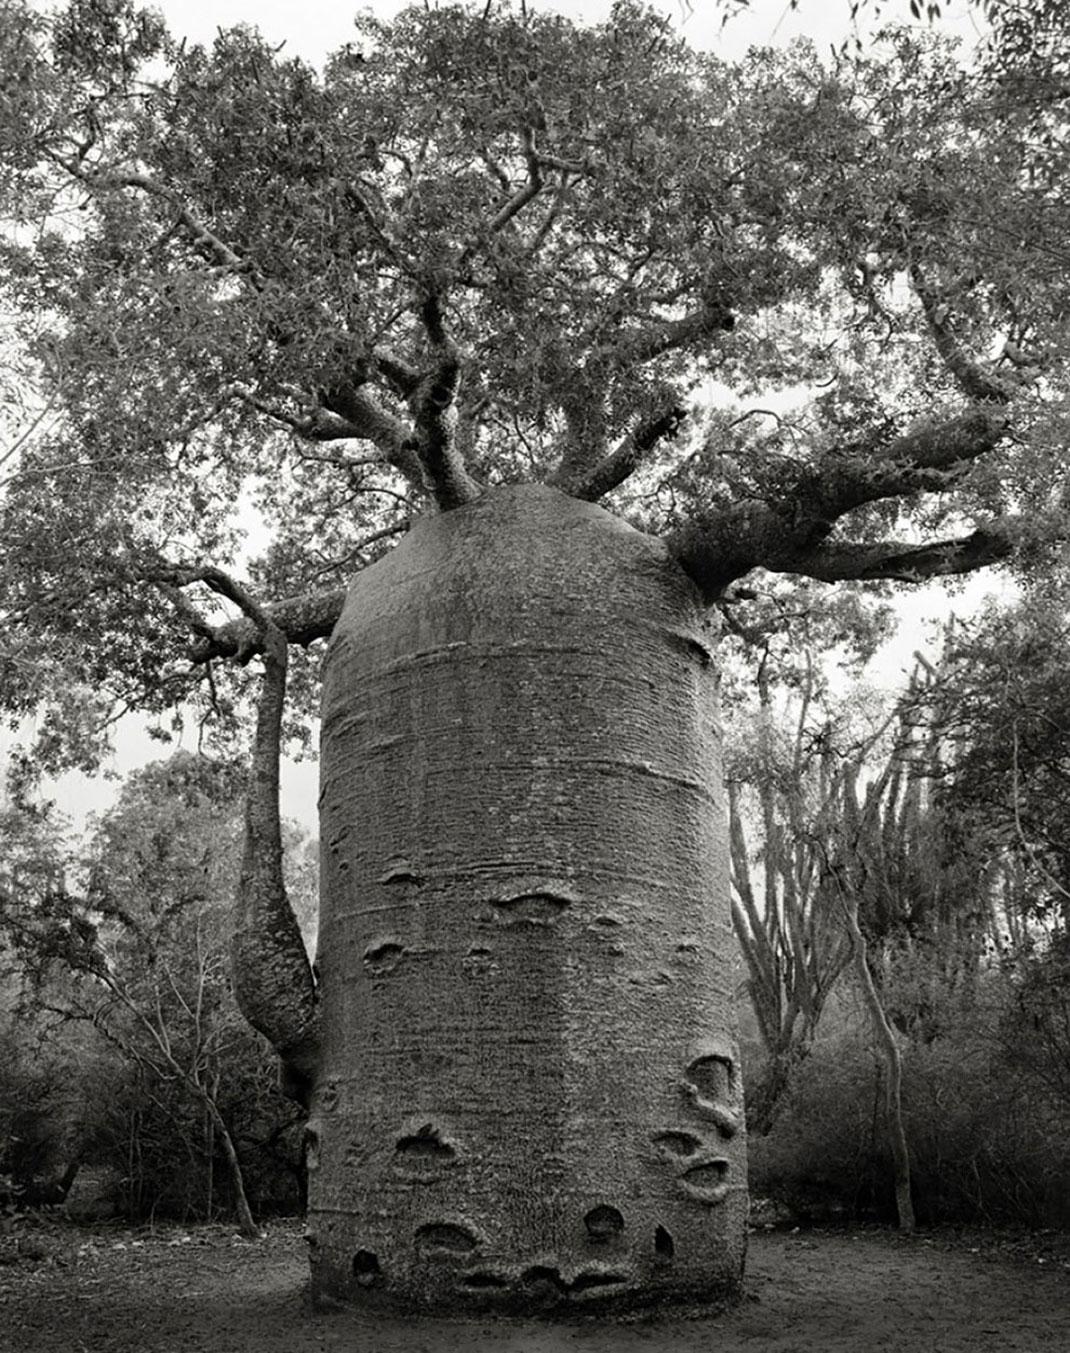 Ancien-arbre-8